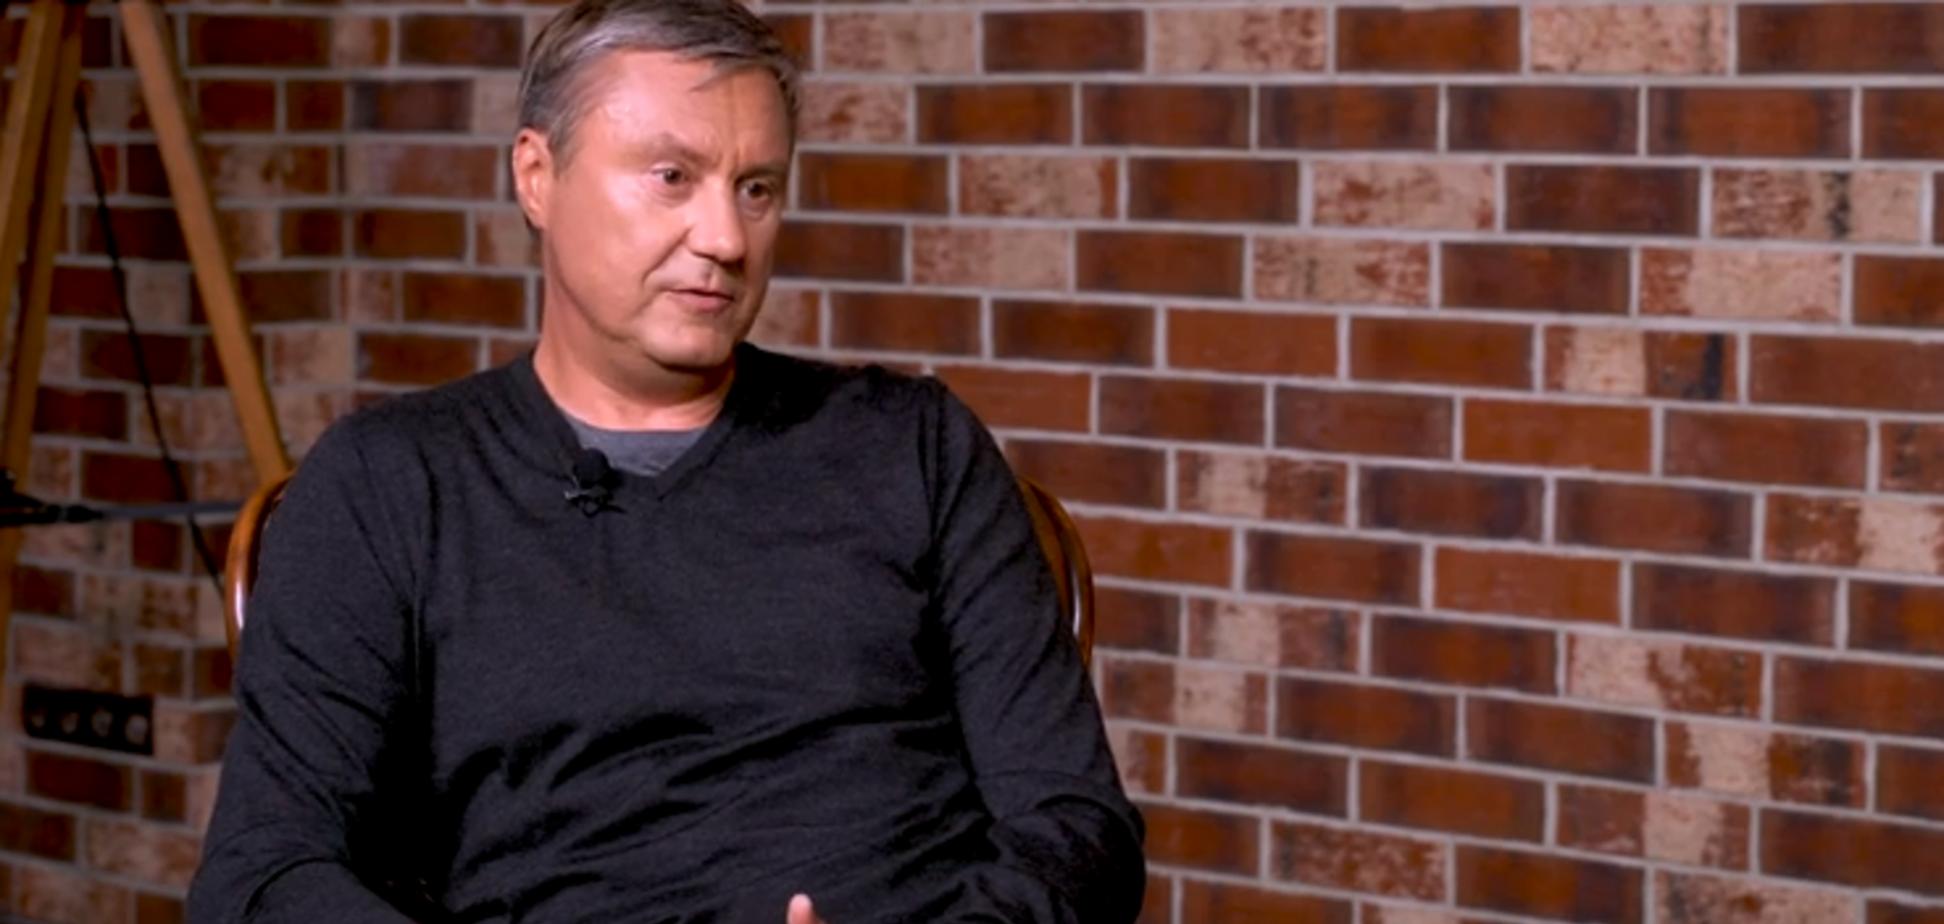 'Ты не уволен': Хацкевич признался, что ему на самом деле сказал Суркис